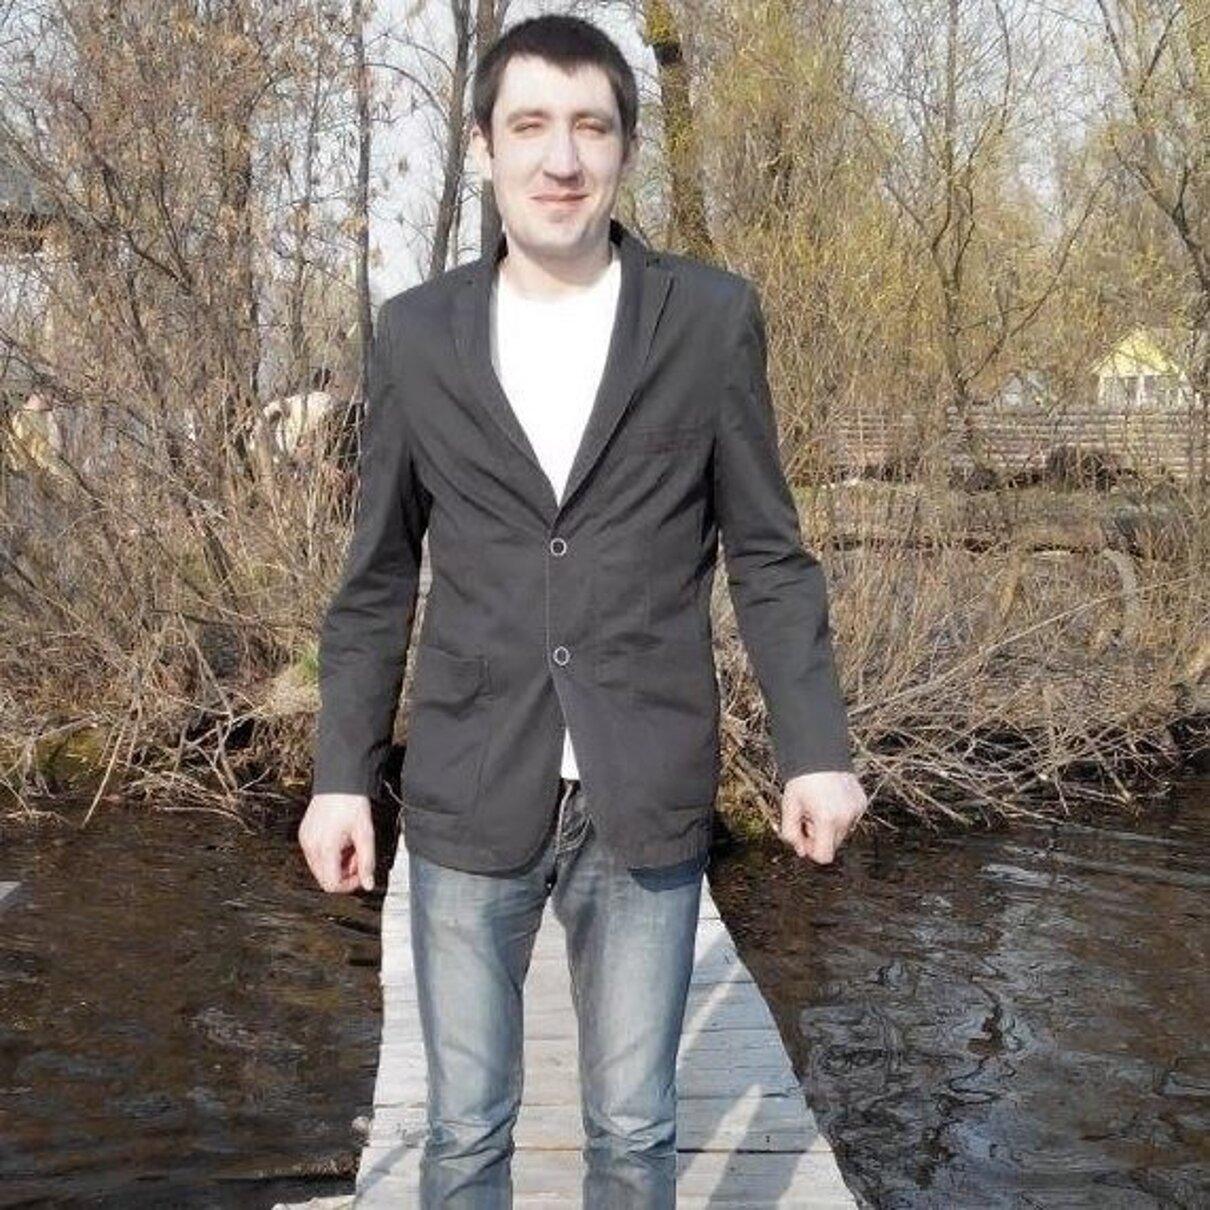 Жалоба-отзыв: Илья Мороз - Мошенник - компьютерный мастер!.  Фото №1